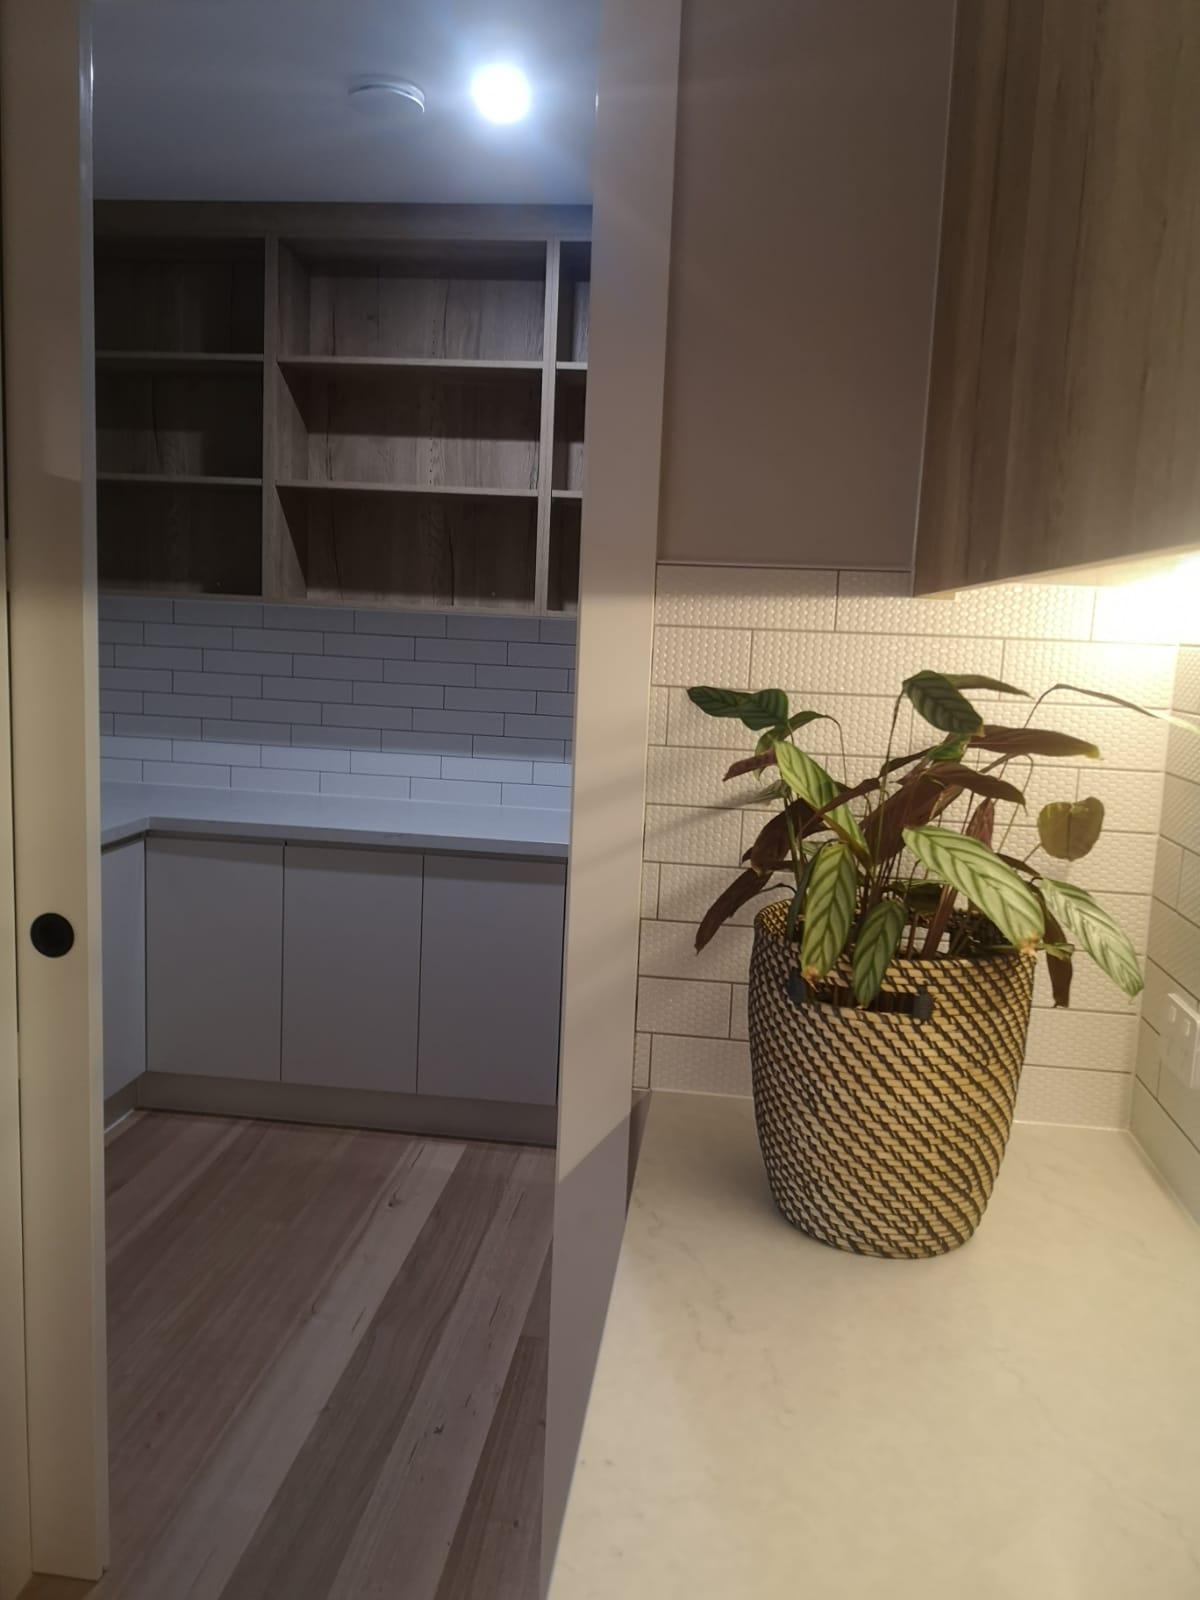 custon pantry in nikpol board